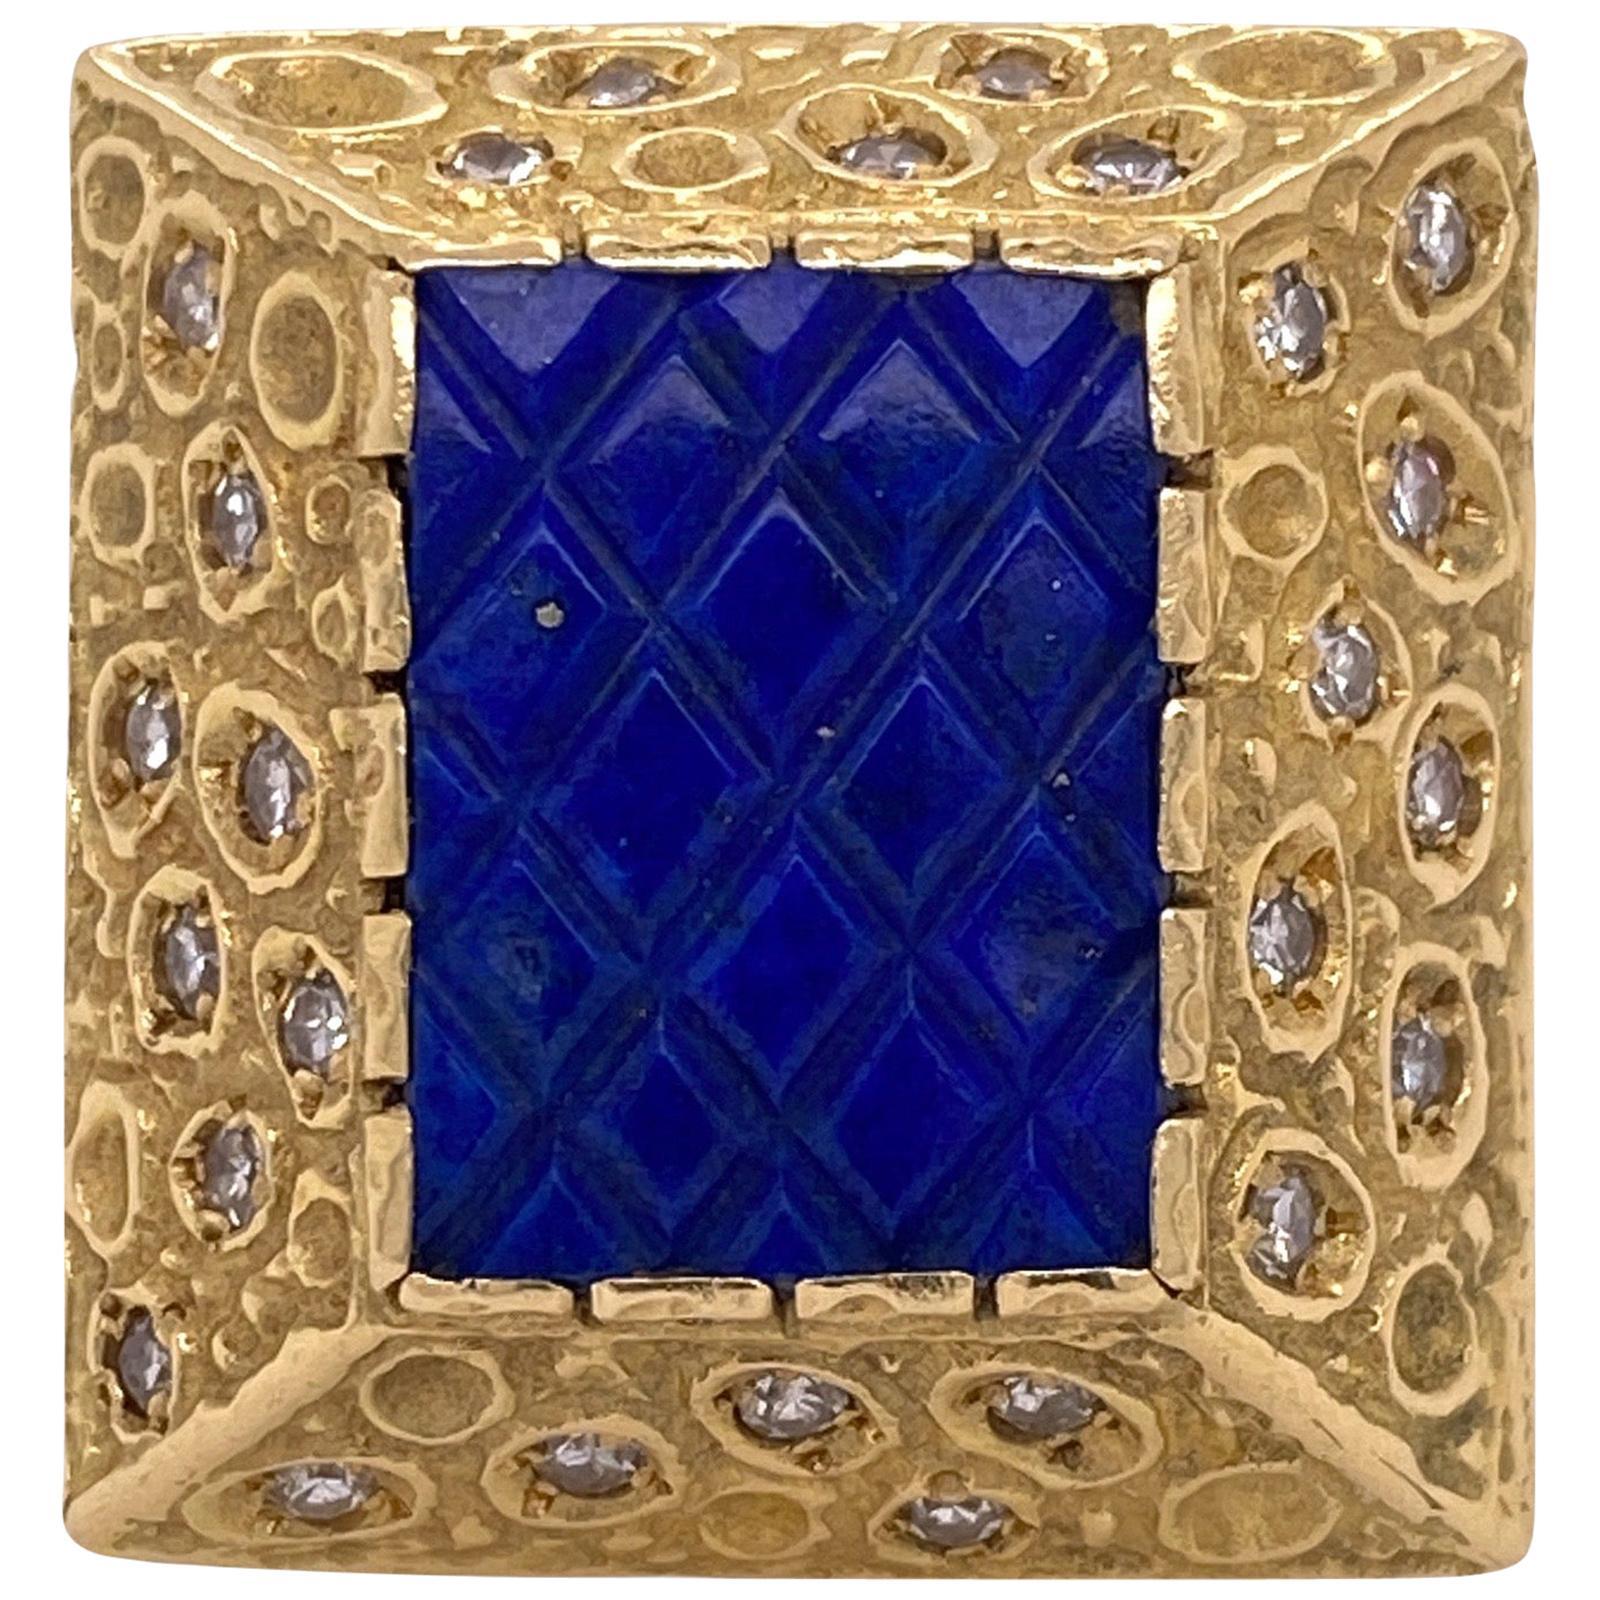 1970s Diamond Lapis Lazuli 18 Karat Yellow Gold Vintage Cocktail Ring